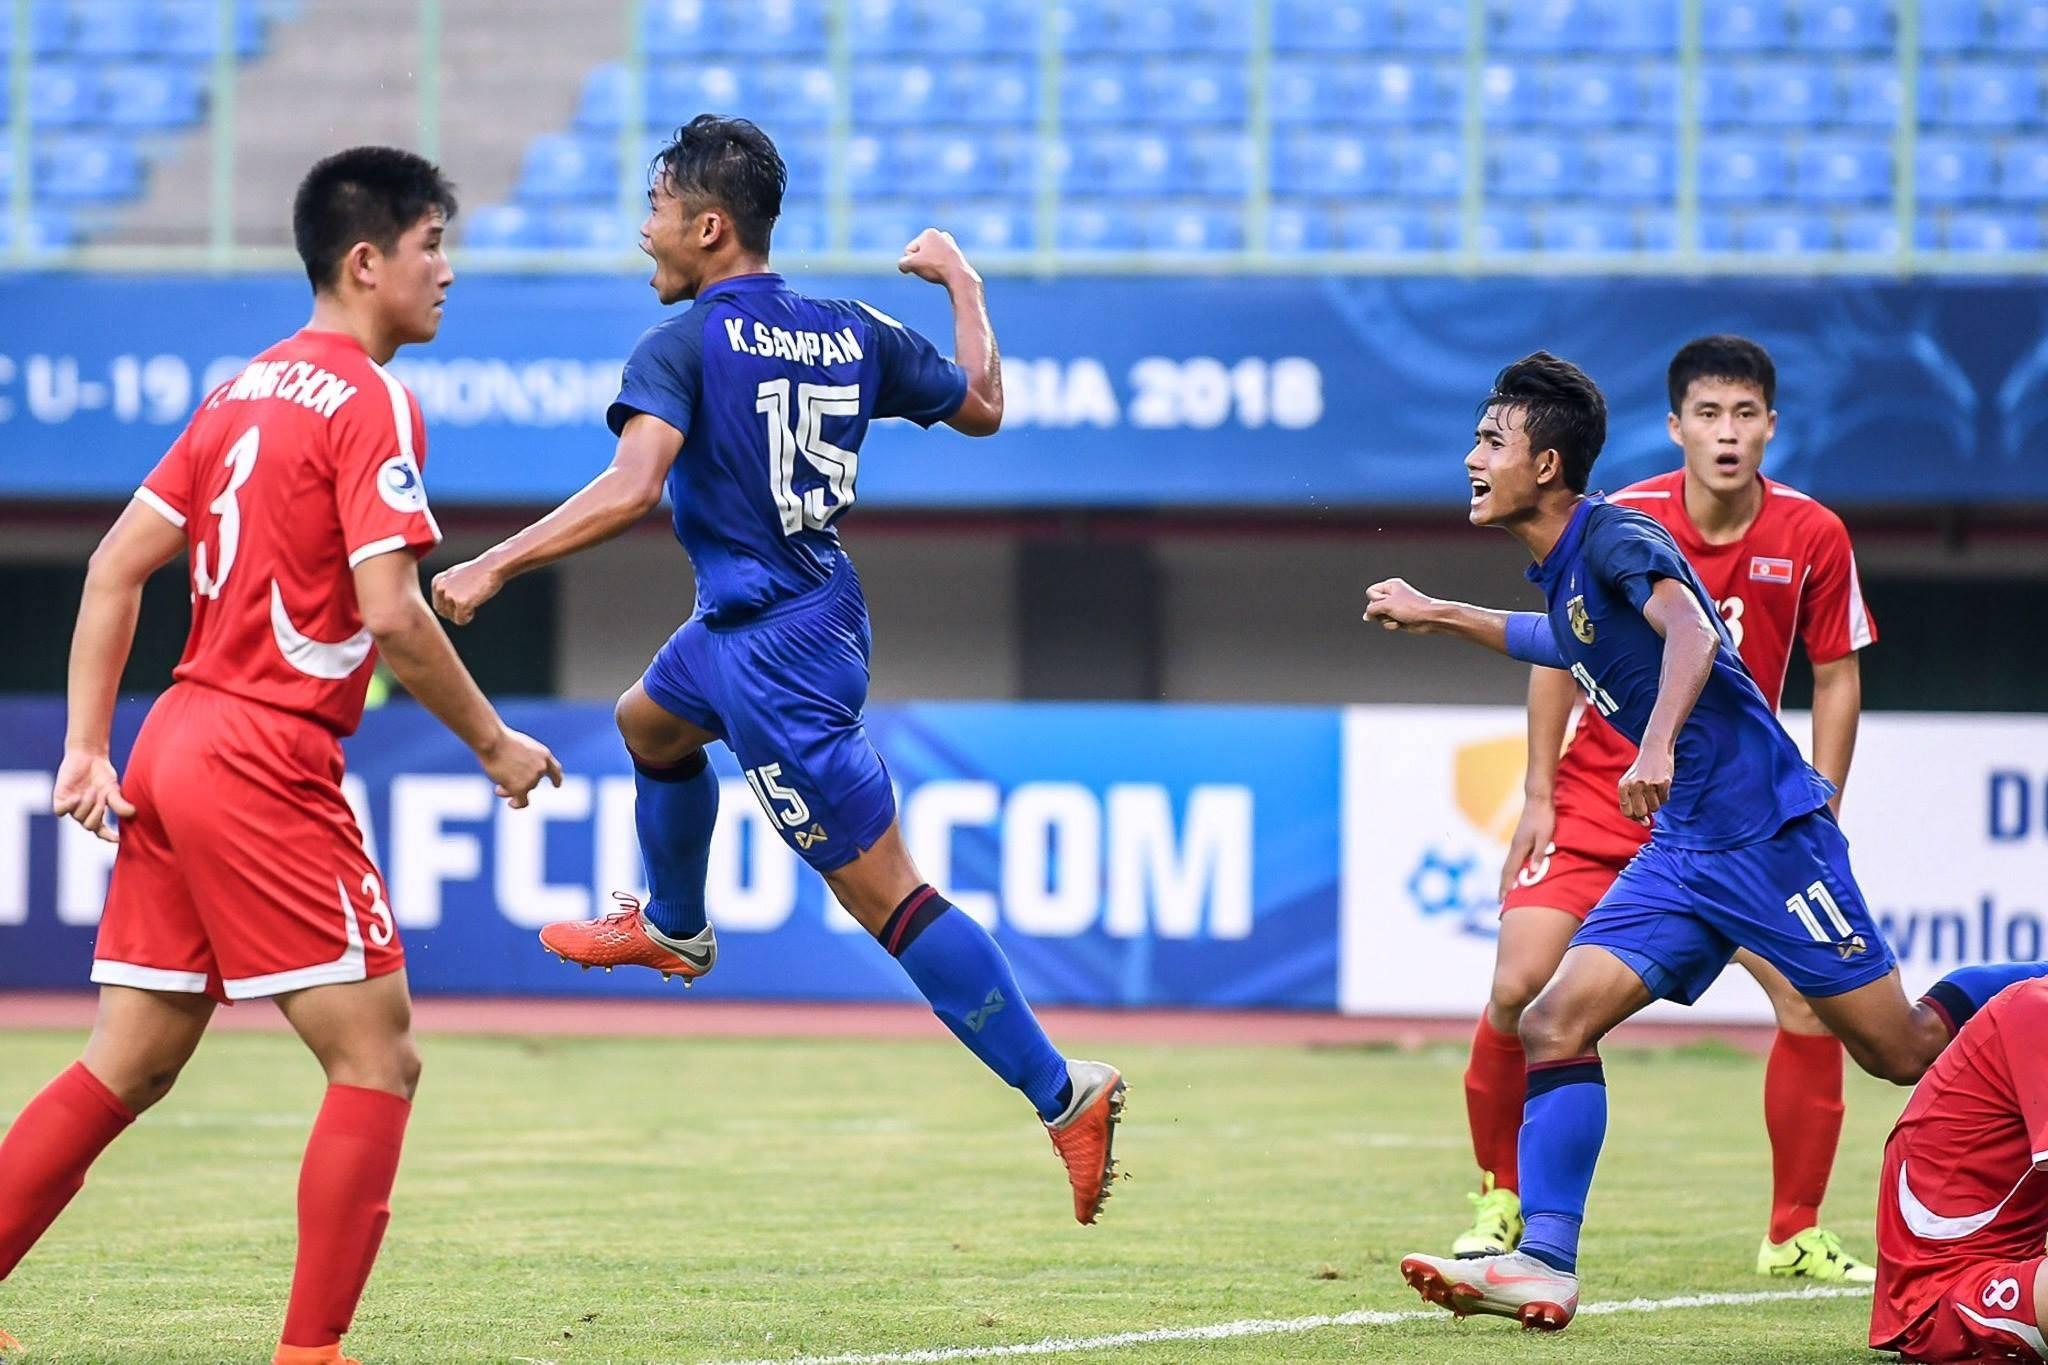 5 สิ่งที่ทีมชาติไทยเรียนรู้จากรายการ เอเอฟซี ยู19 แชมเปี้ยนชิพ 2018